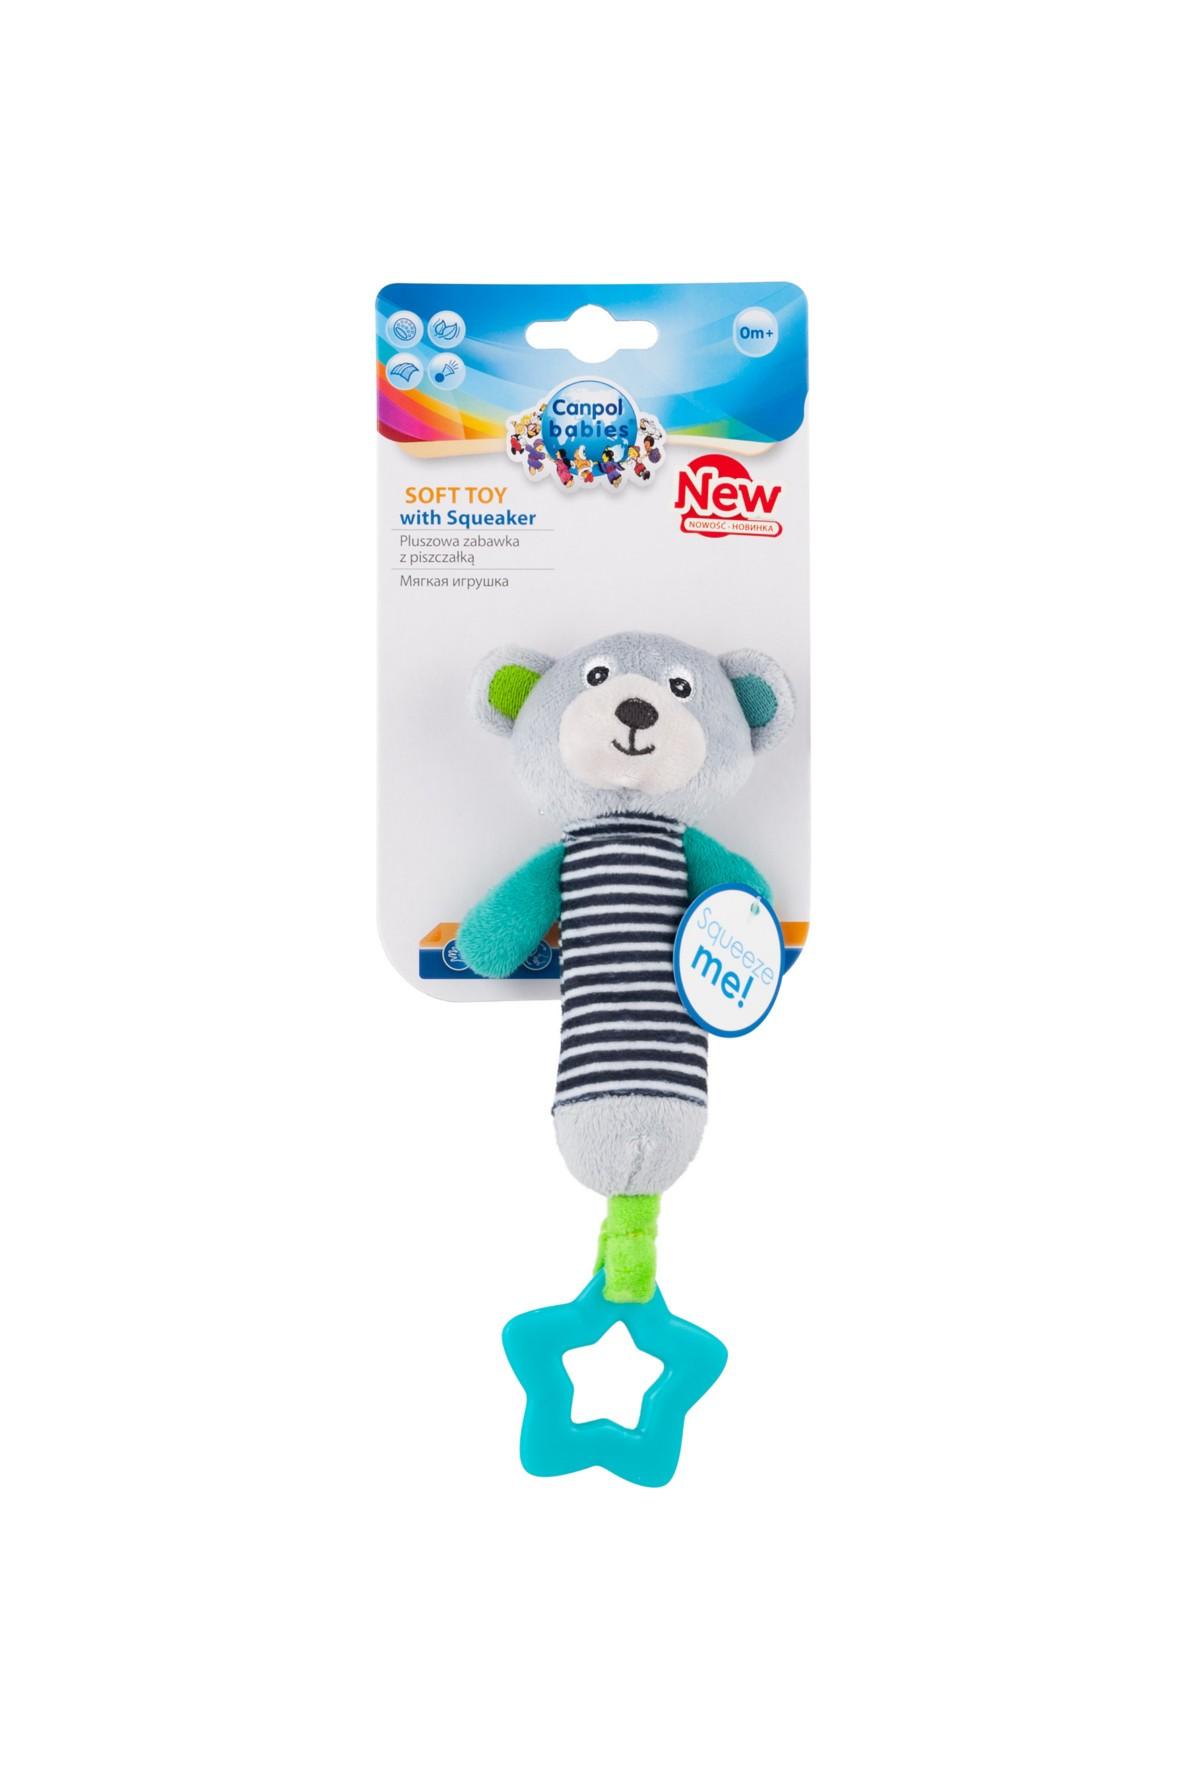 Pluszowa zabawka z piszczkiem i gryzakiem Canpol